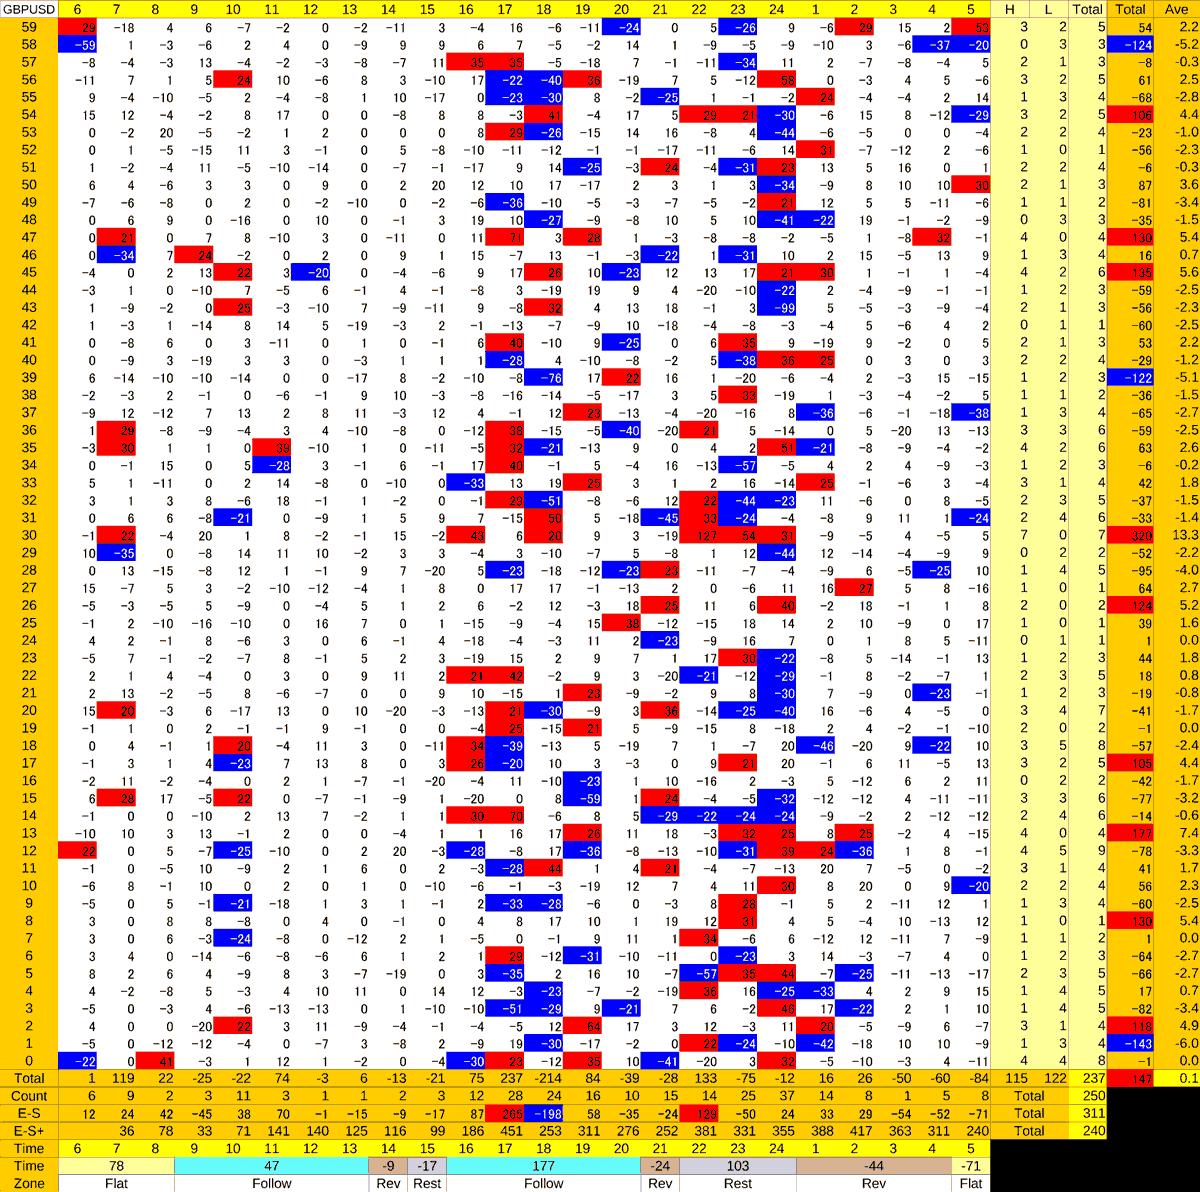 20210210_HS(2)GBPUSD